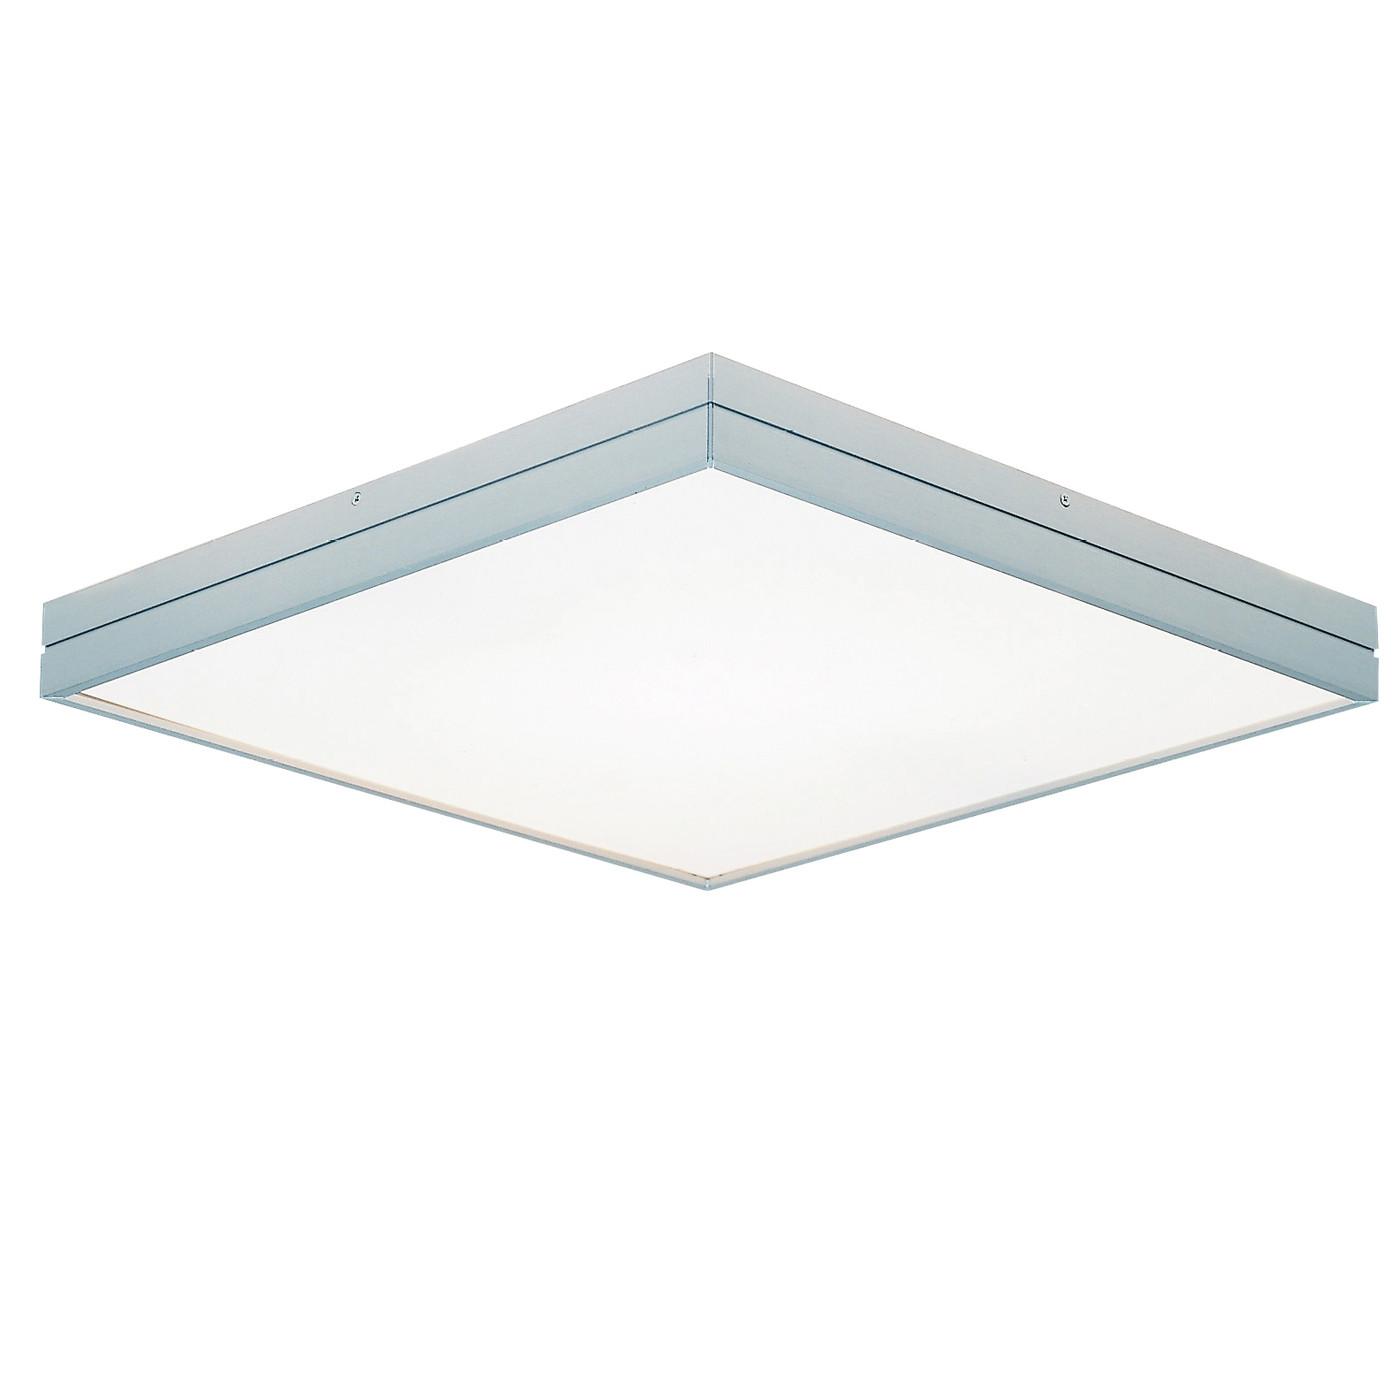 Milan Linea quadratische LED- Deckenleuchte, große Ausführung